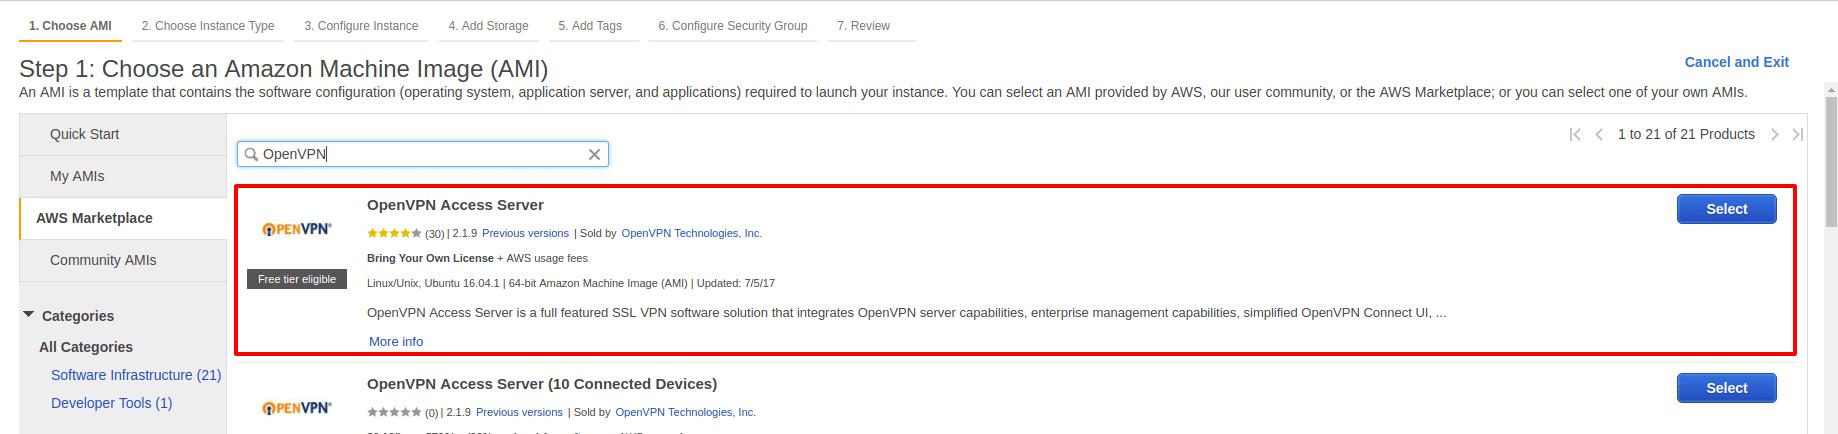 Select Open VPN